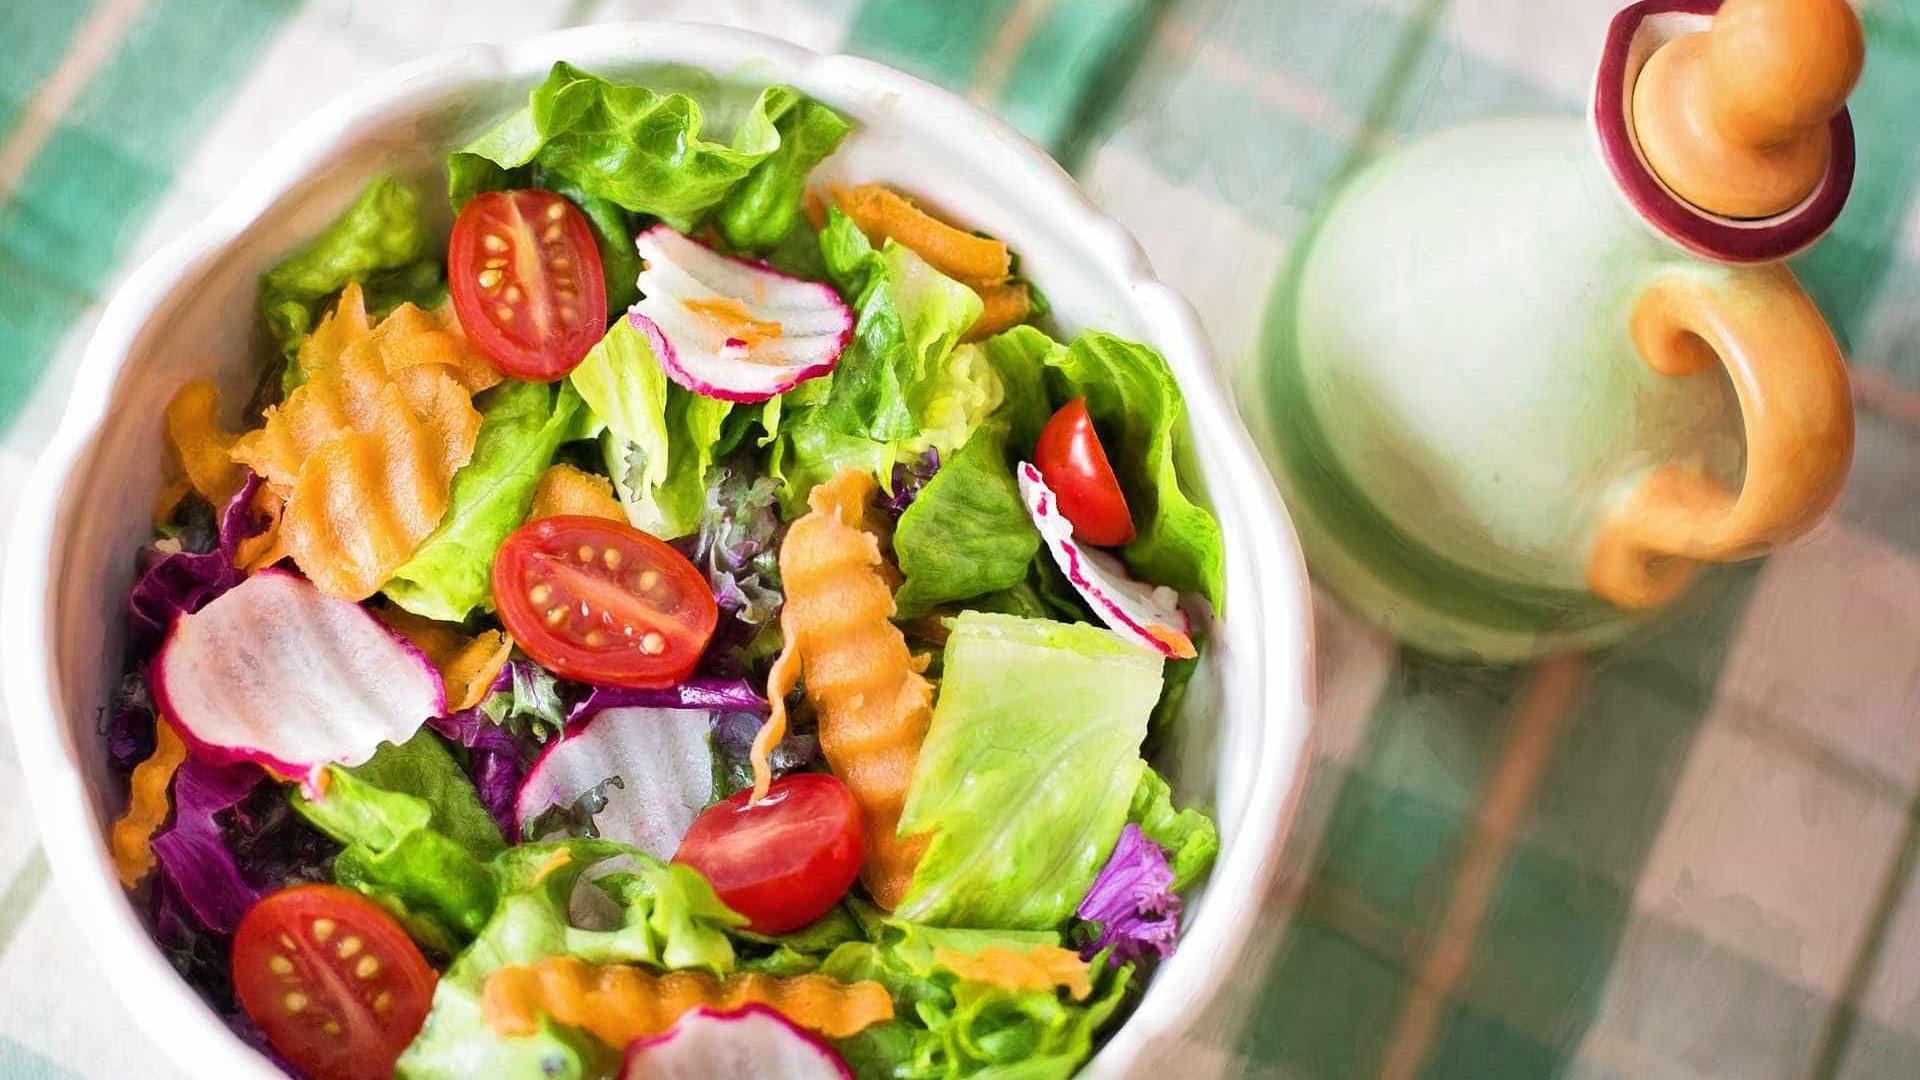 Pesquisa revela contaminação em 90% das saladas prontas para consumo